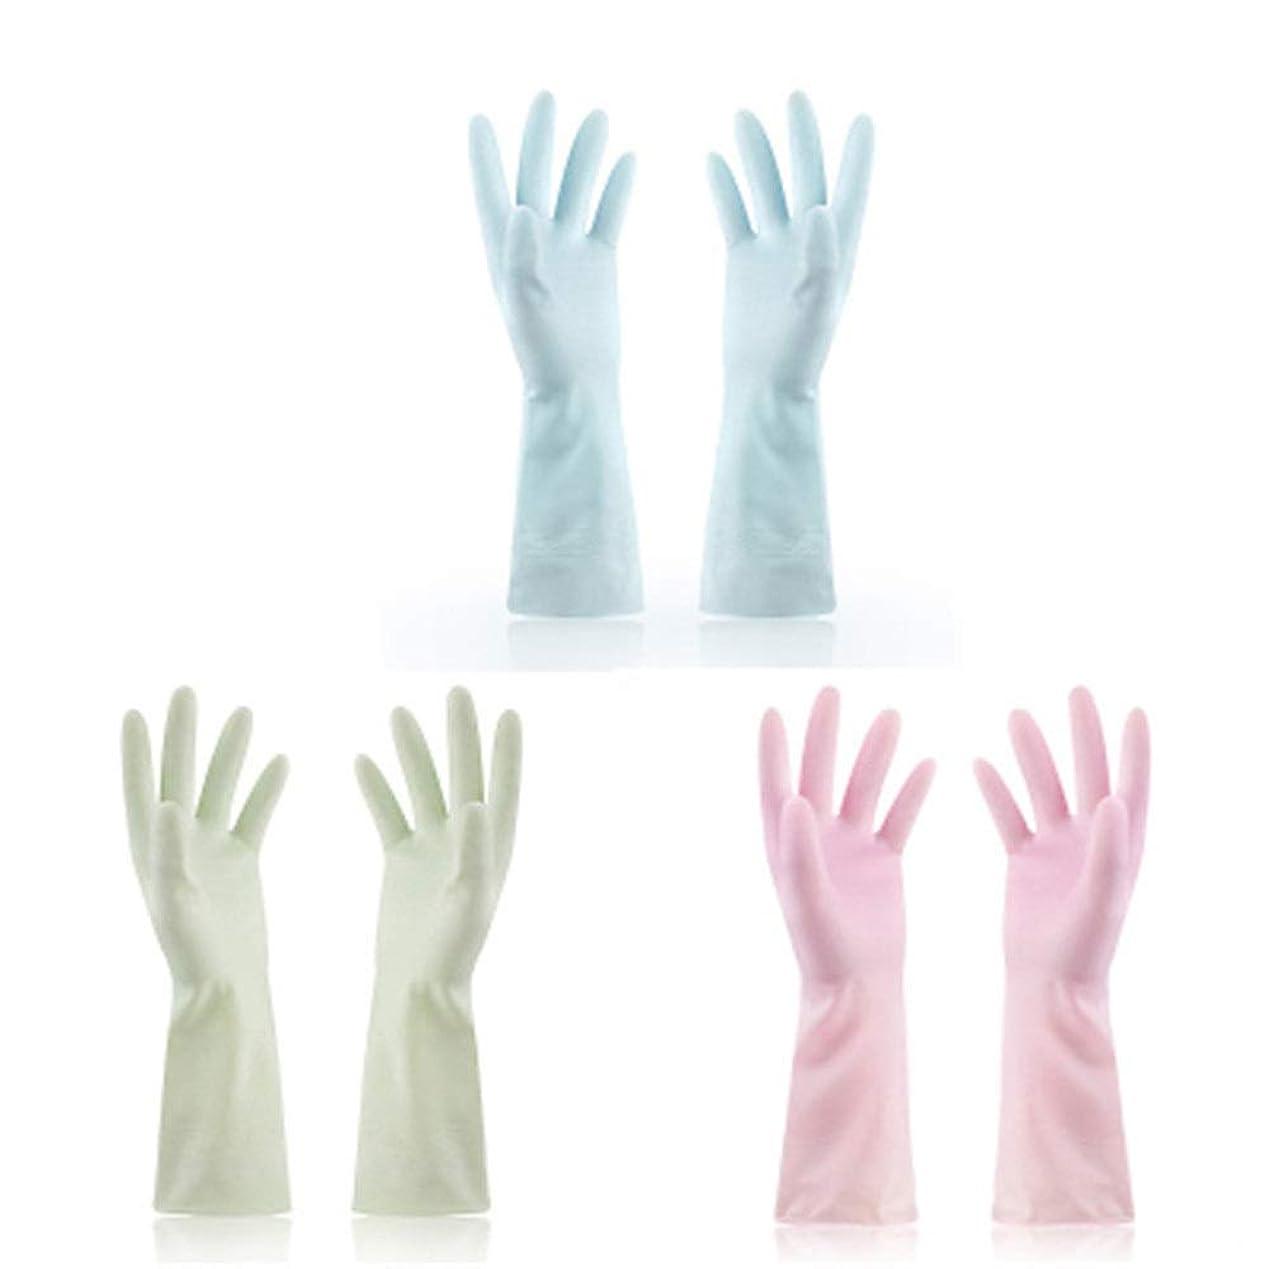 不名誉なストローク自治的使い捨て手袋 使い捨て手袋防水ラテックス焦げ付き防止ゴム製ゴム製台所手袋、3組 ニトリルゴム手袋 (Color : Multi-colored, Size : M)